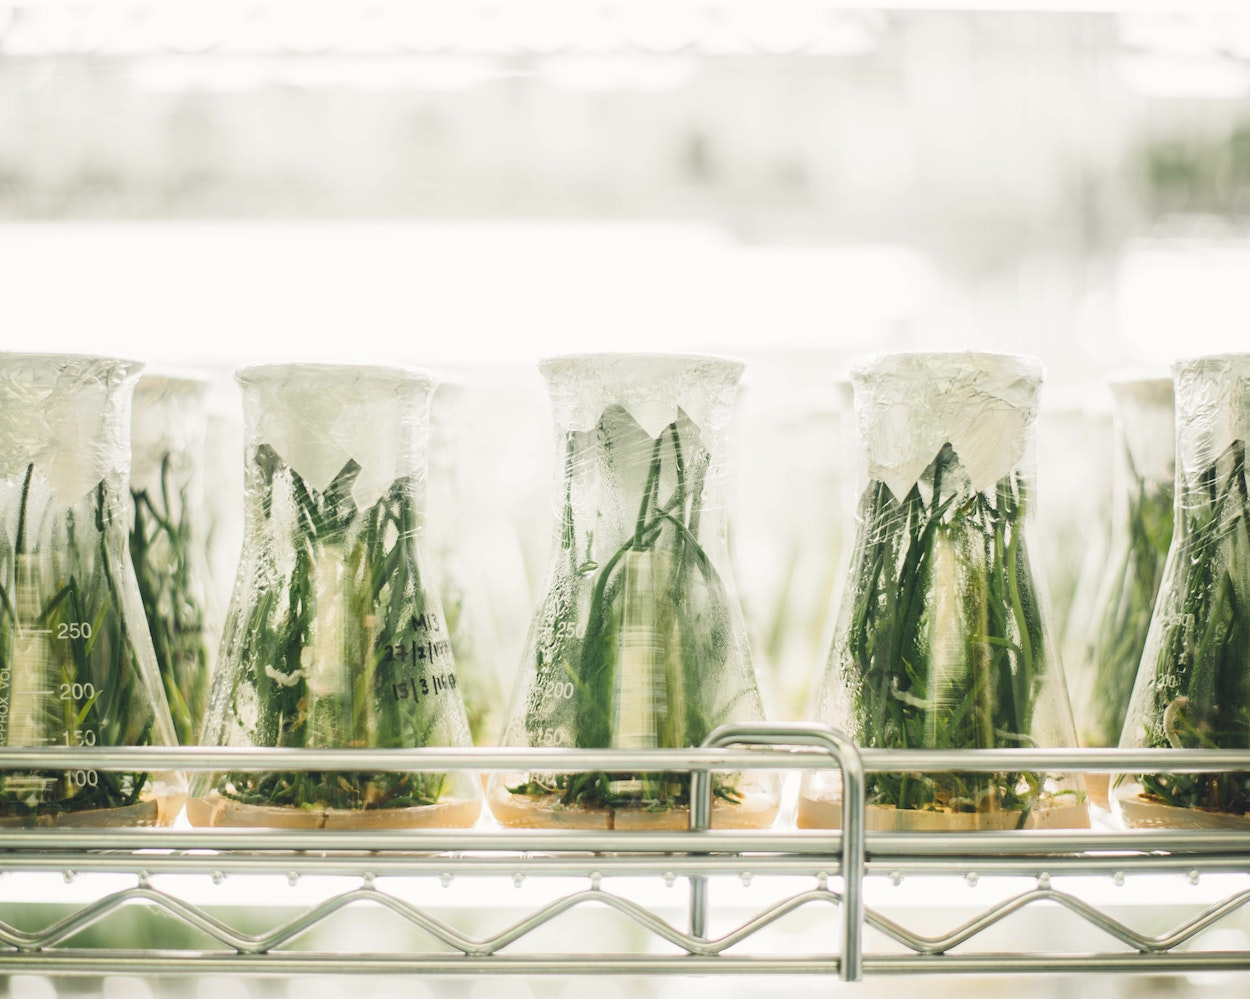 Un comité científico internacional estudiará los desafíos de la alimentación en 2050